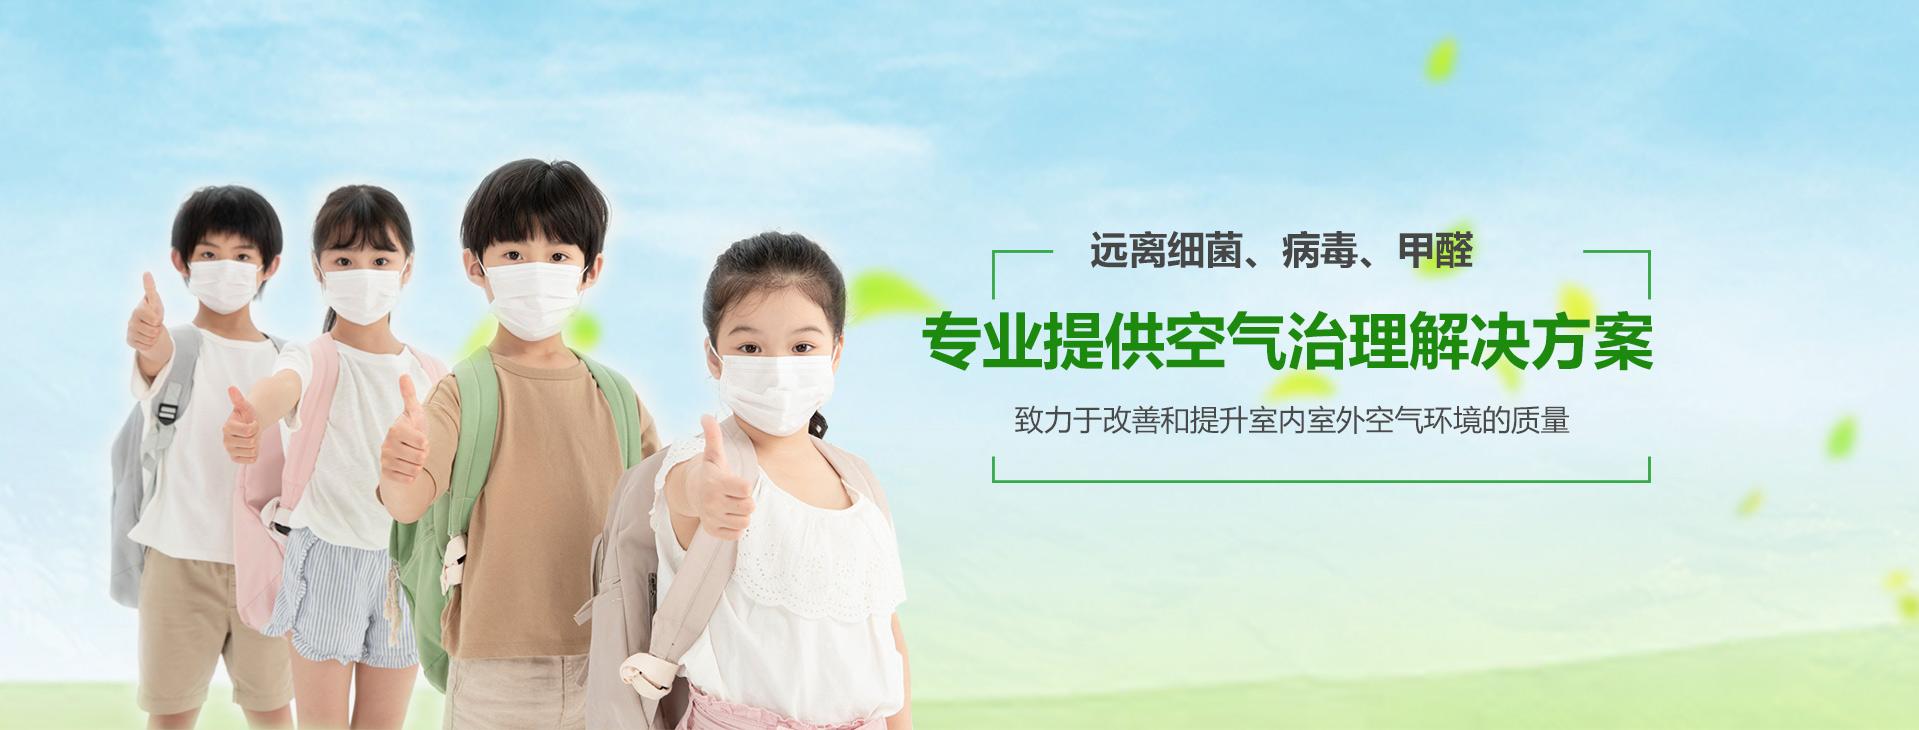 重庆老鼠防治公司